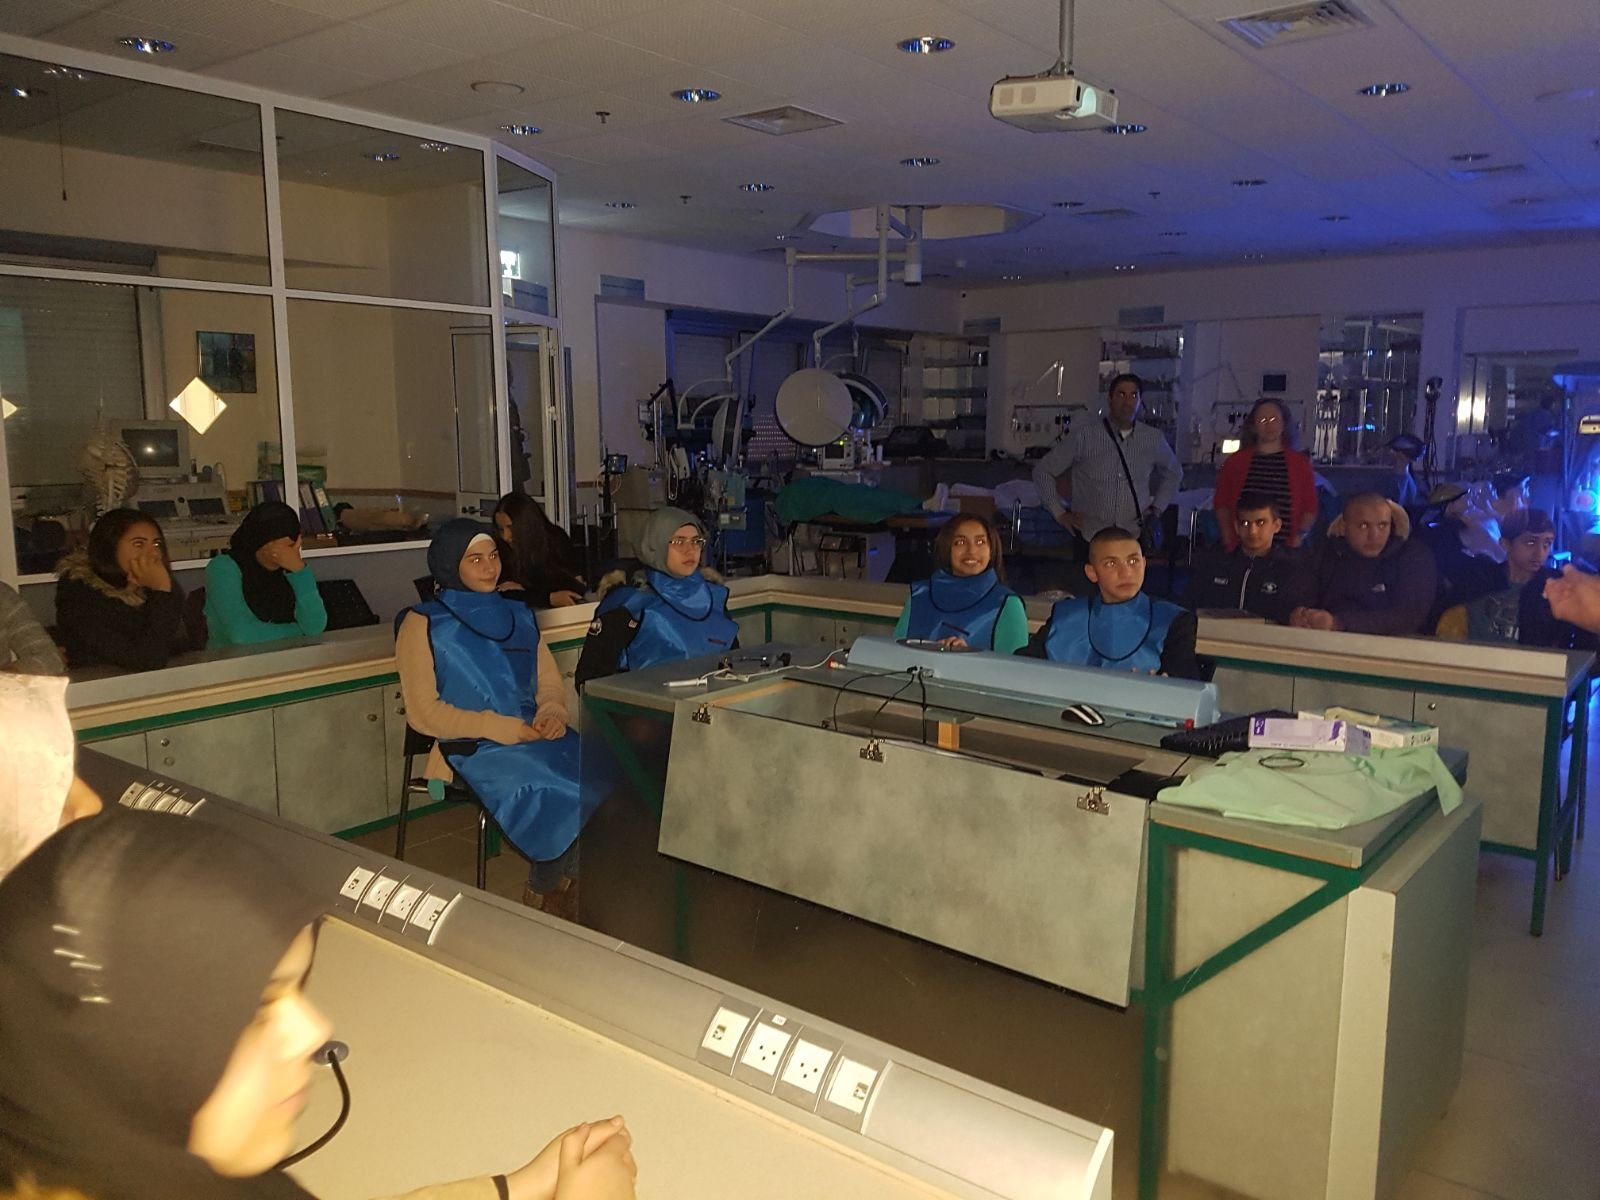 طلاب بيت الحكمة الثانوية في زيارة لمعهد العلوم والتكنولوجيا